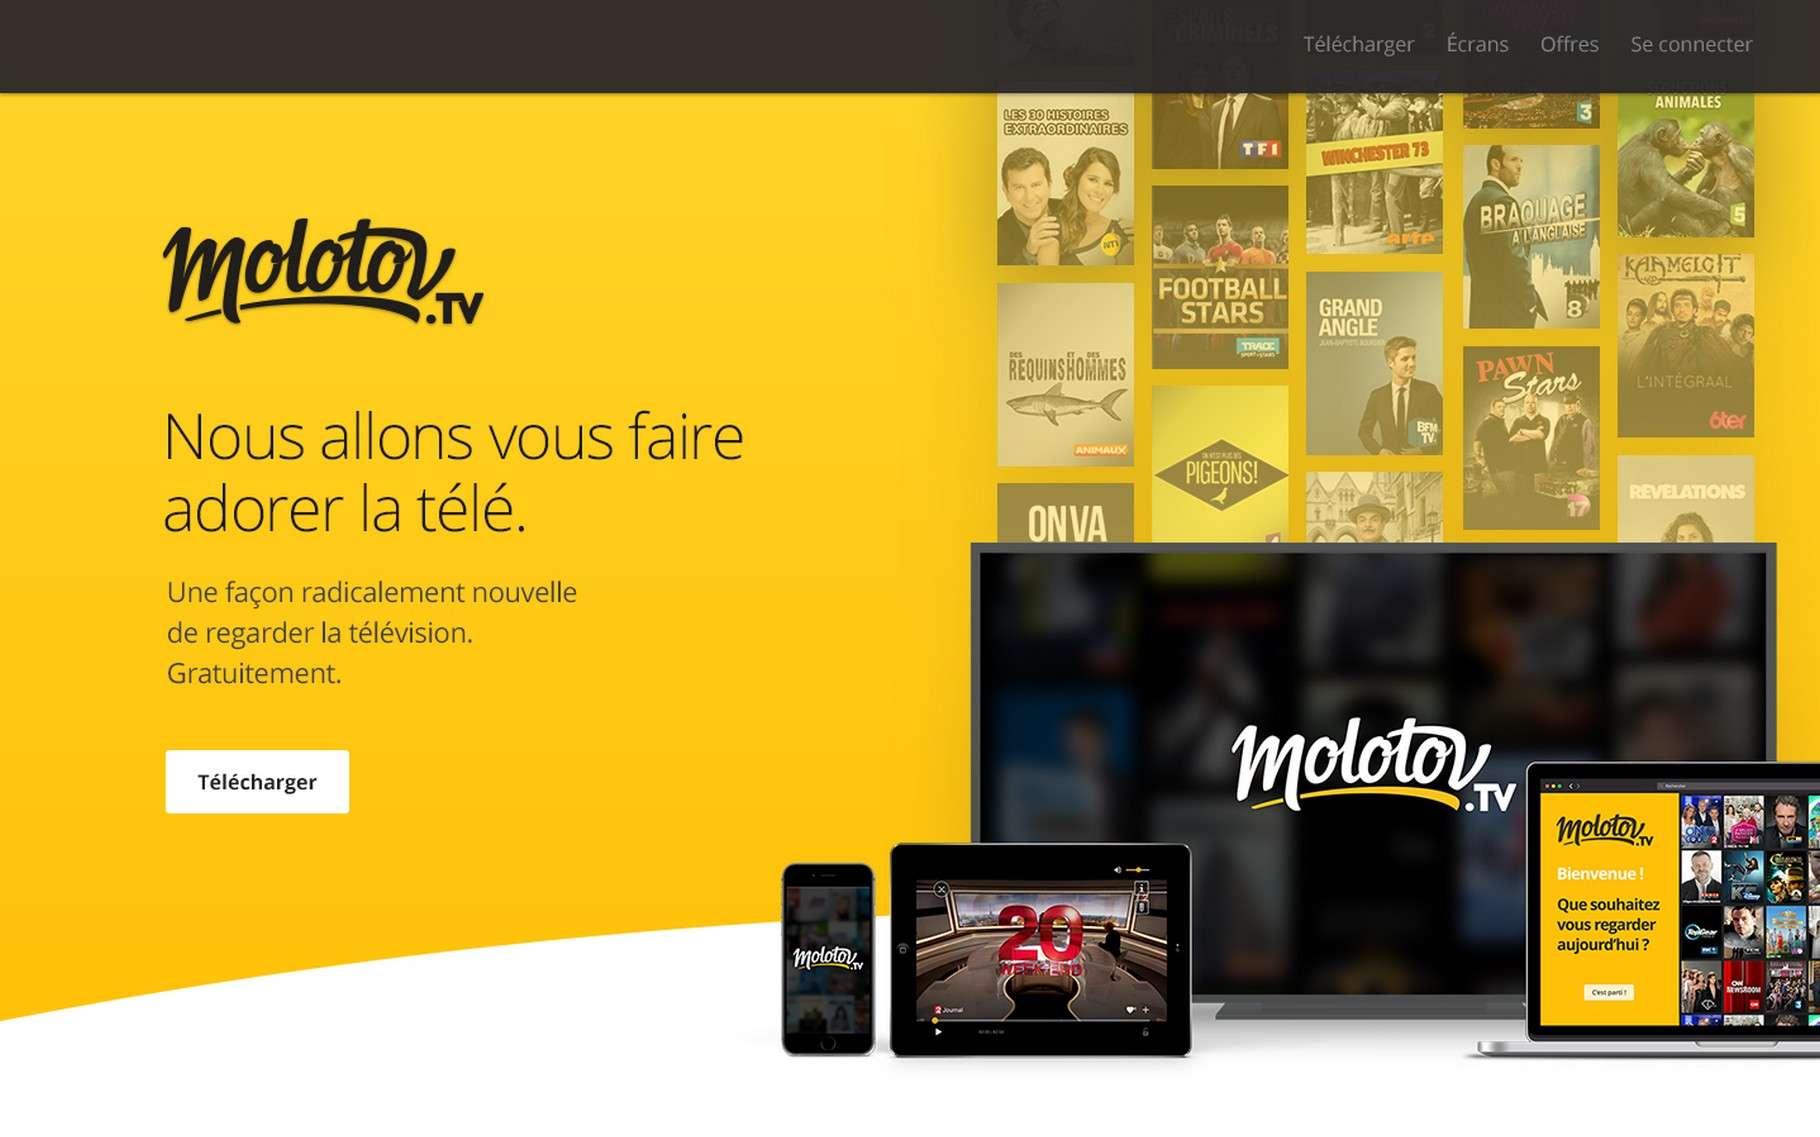 Derrière Molotov TV se trouvent notamment Pierre Lescure, cofondateur de Canal+ et Jean-David Blanc, fondateur d'Allociné. © Molotov